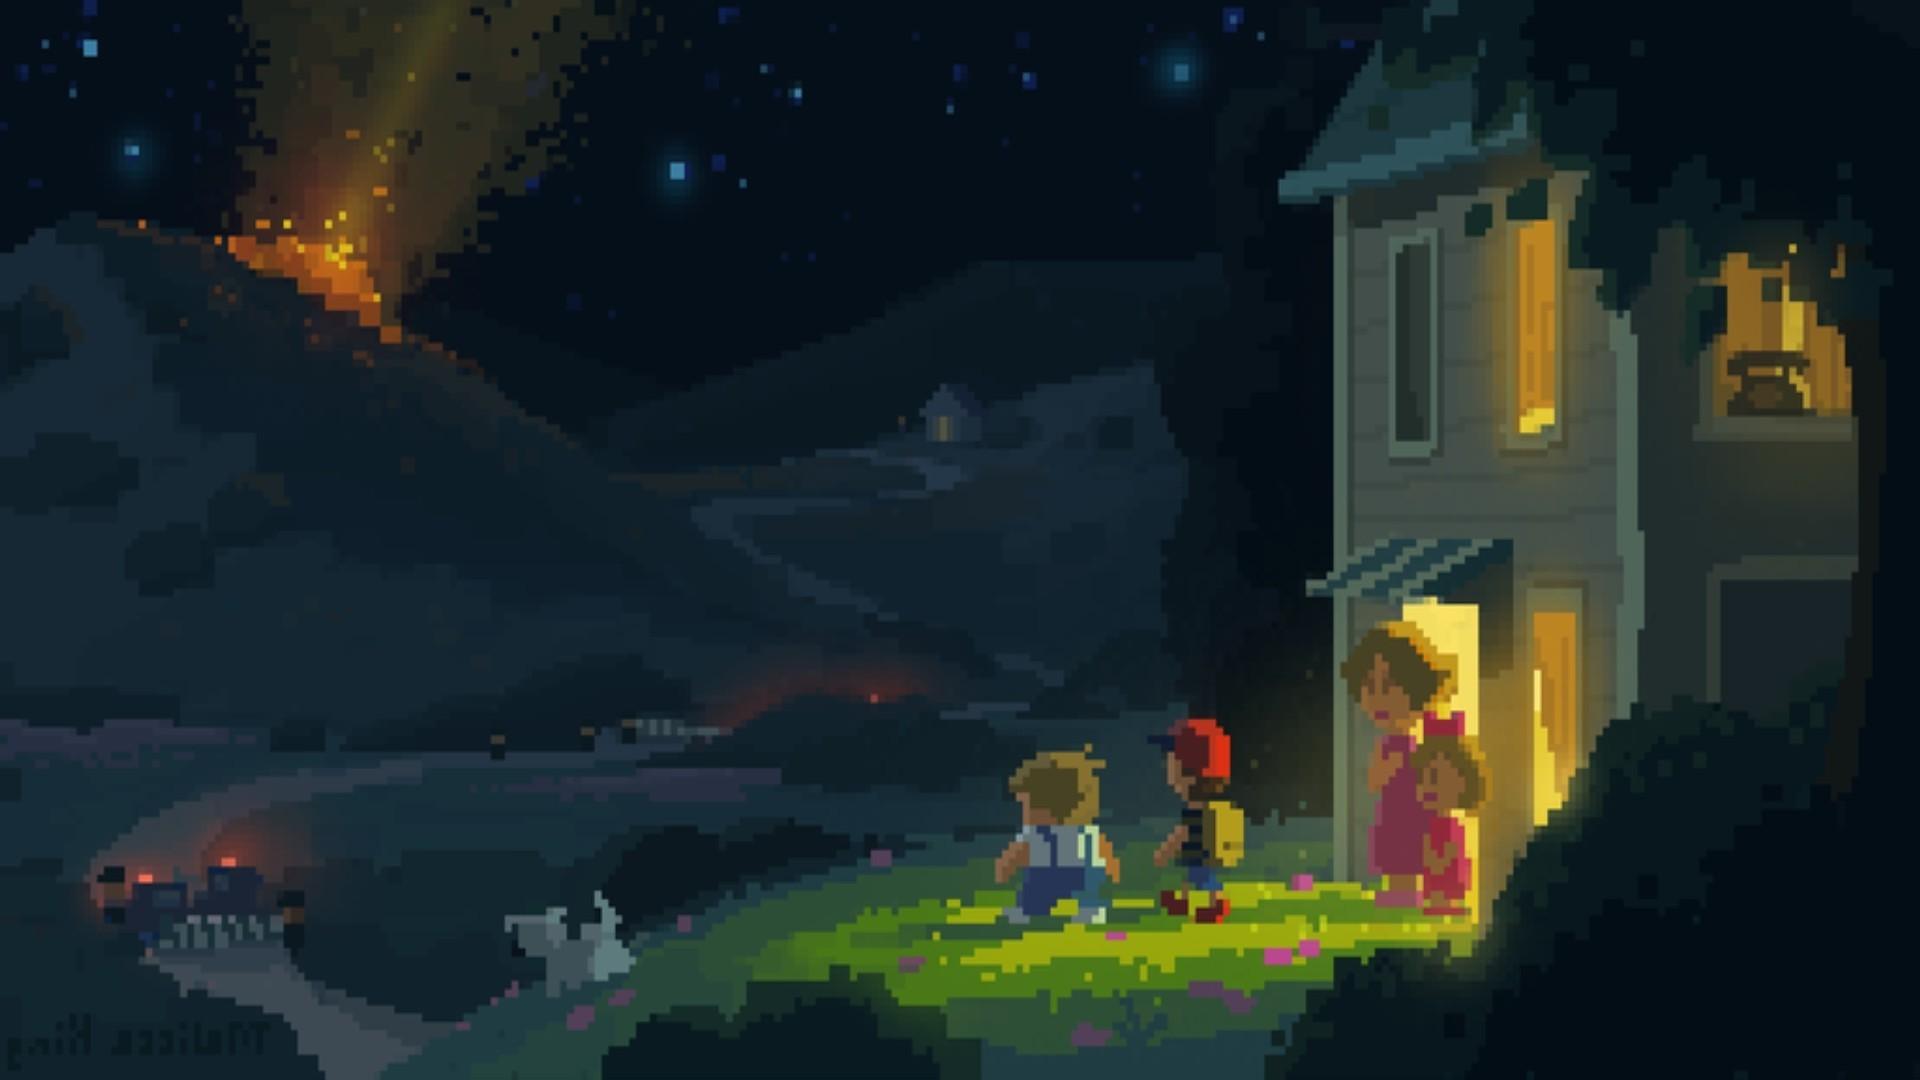 game desktop backgrounds (59+ images)